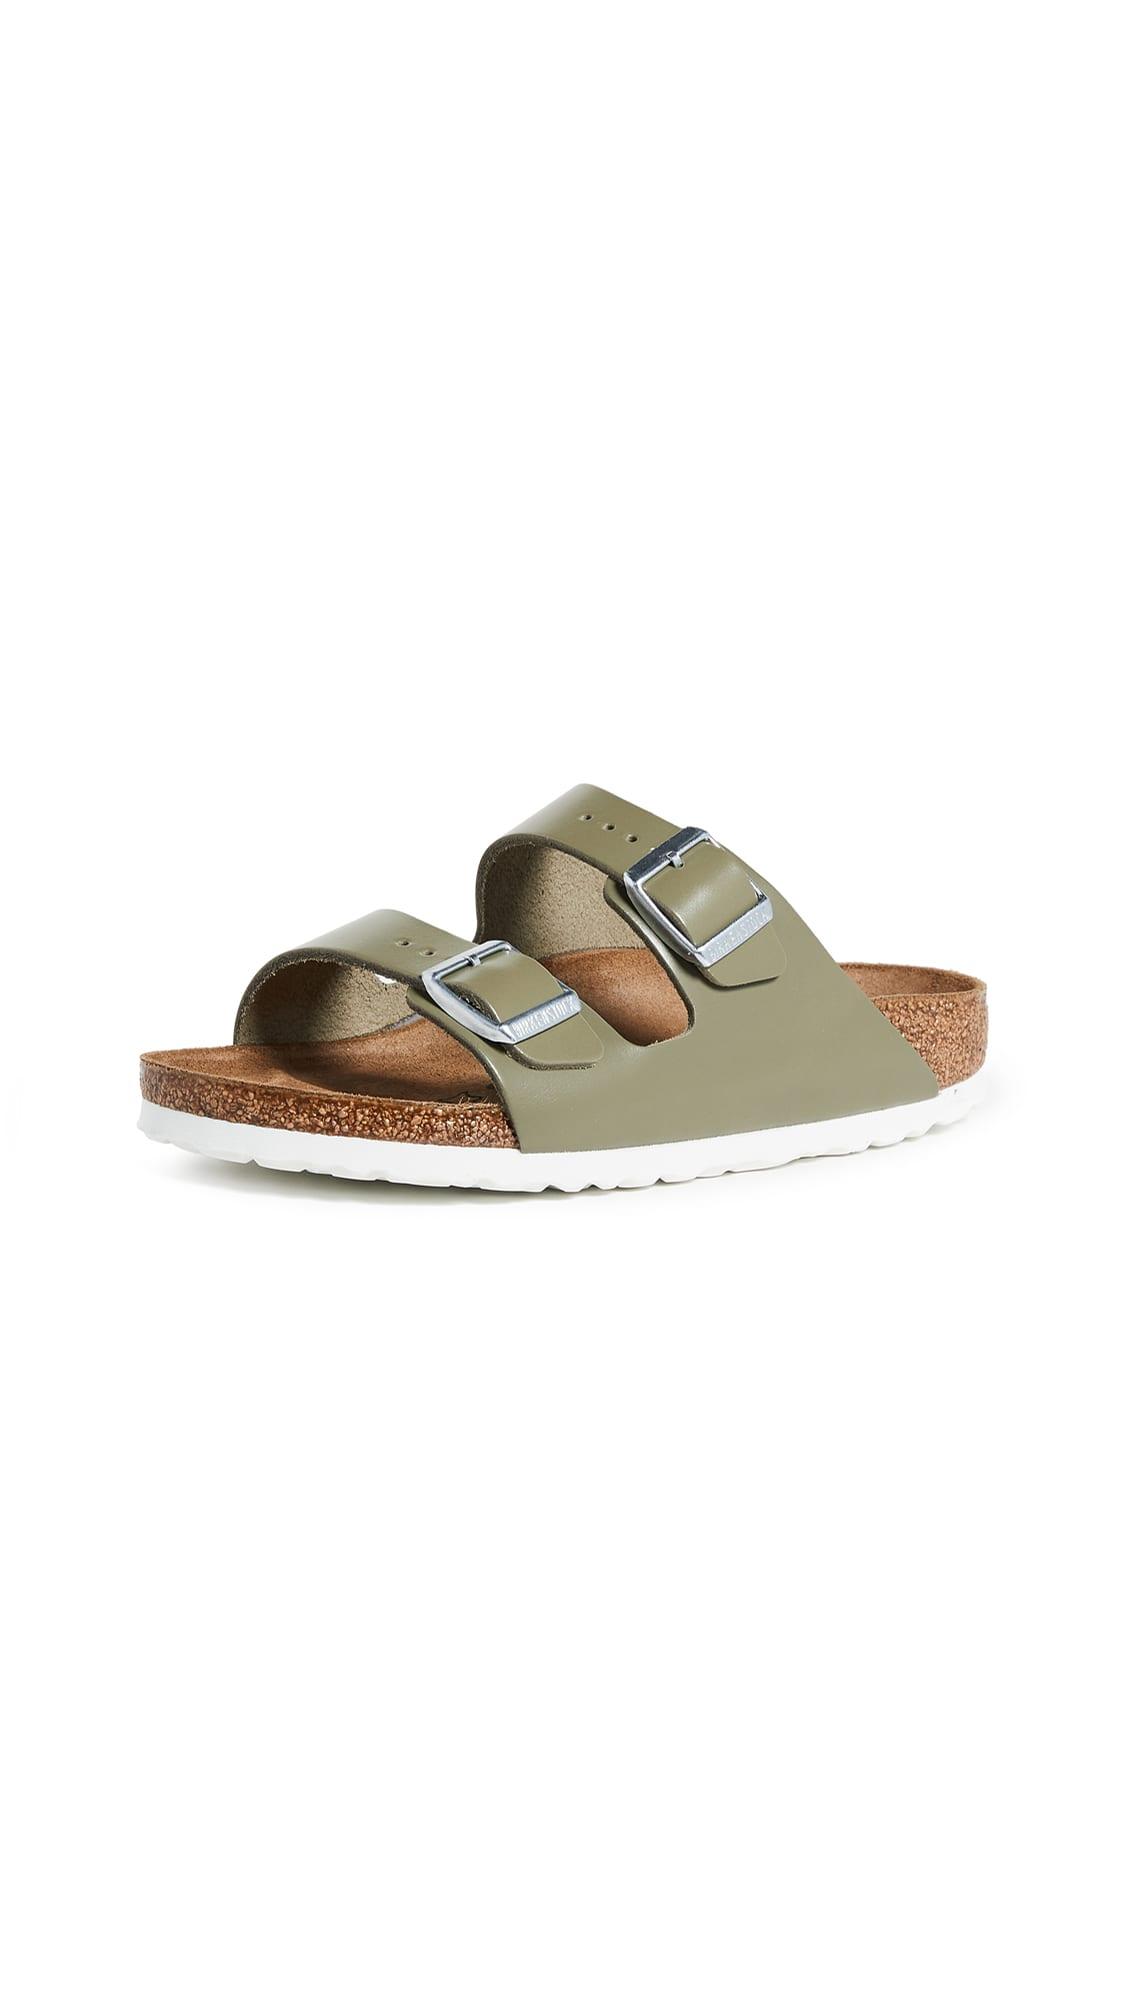 shopbop Birkenstock Arizona Sandals